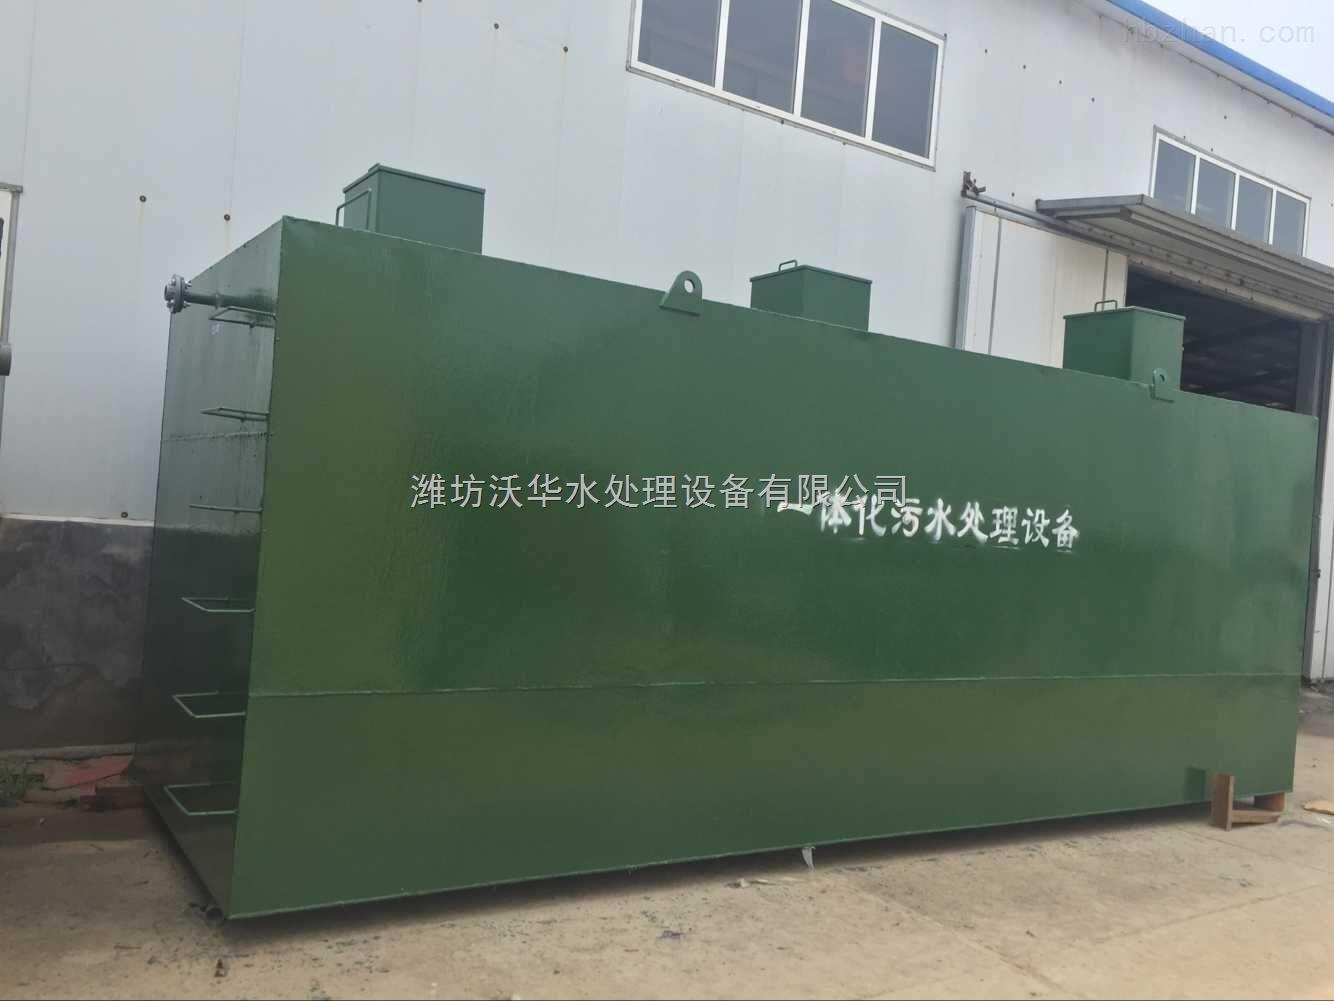 武汉养殖污水处理设备环评达标